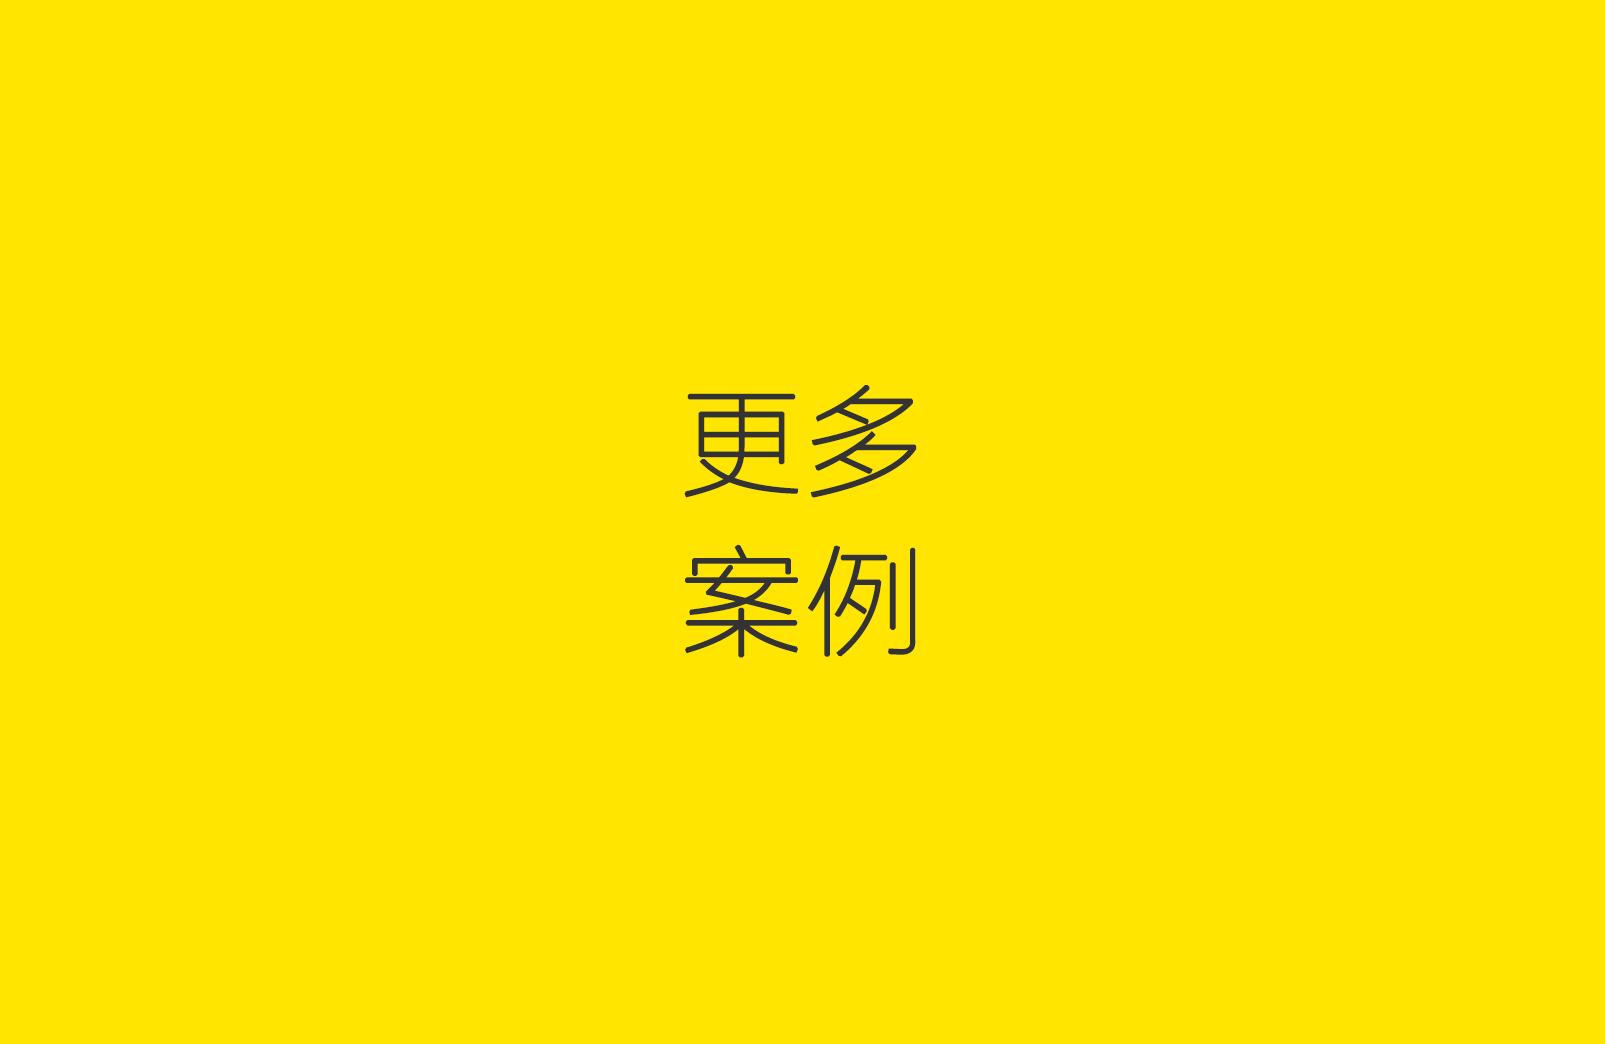 达岸品牌营销咨询-杭州品牌策划公司